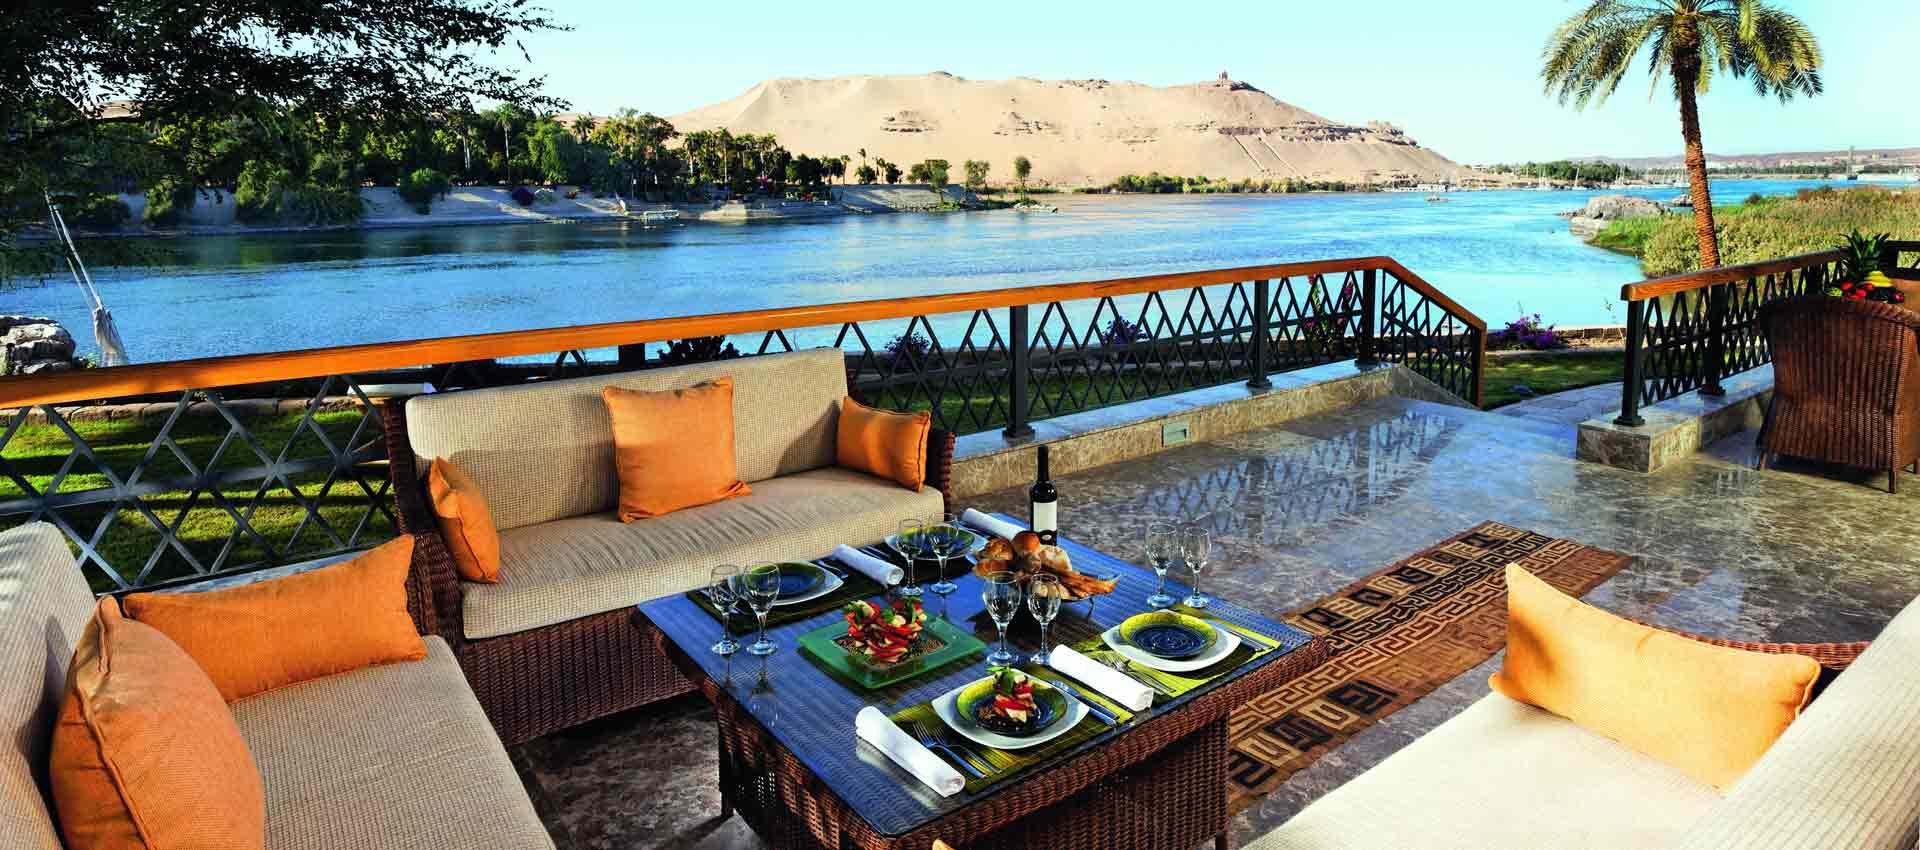 Mövenpick Resort, Aswan